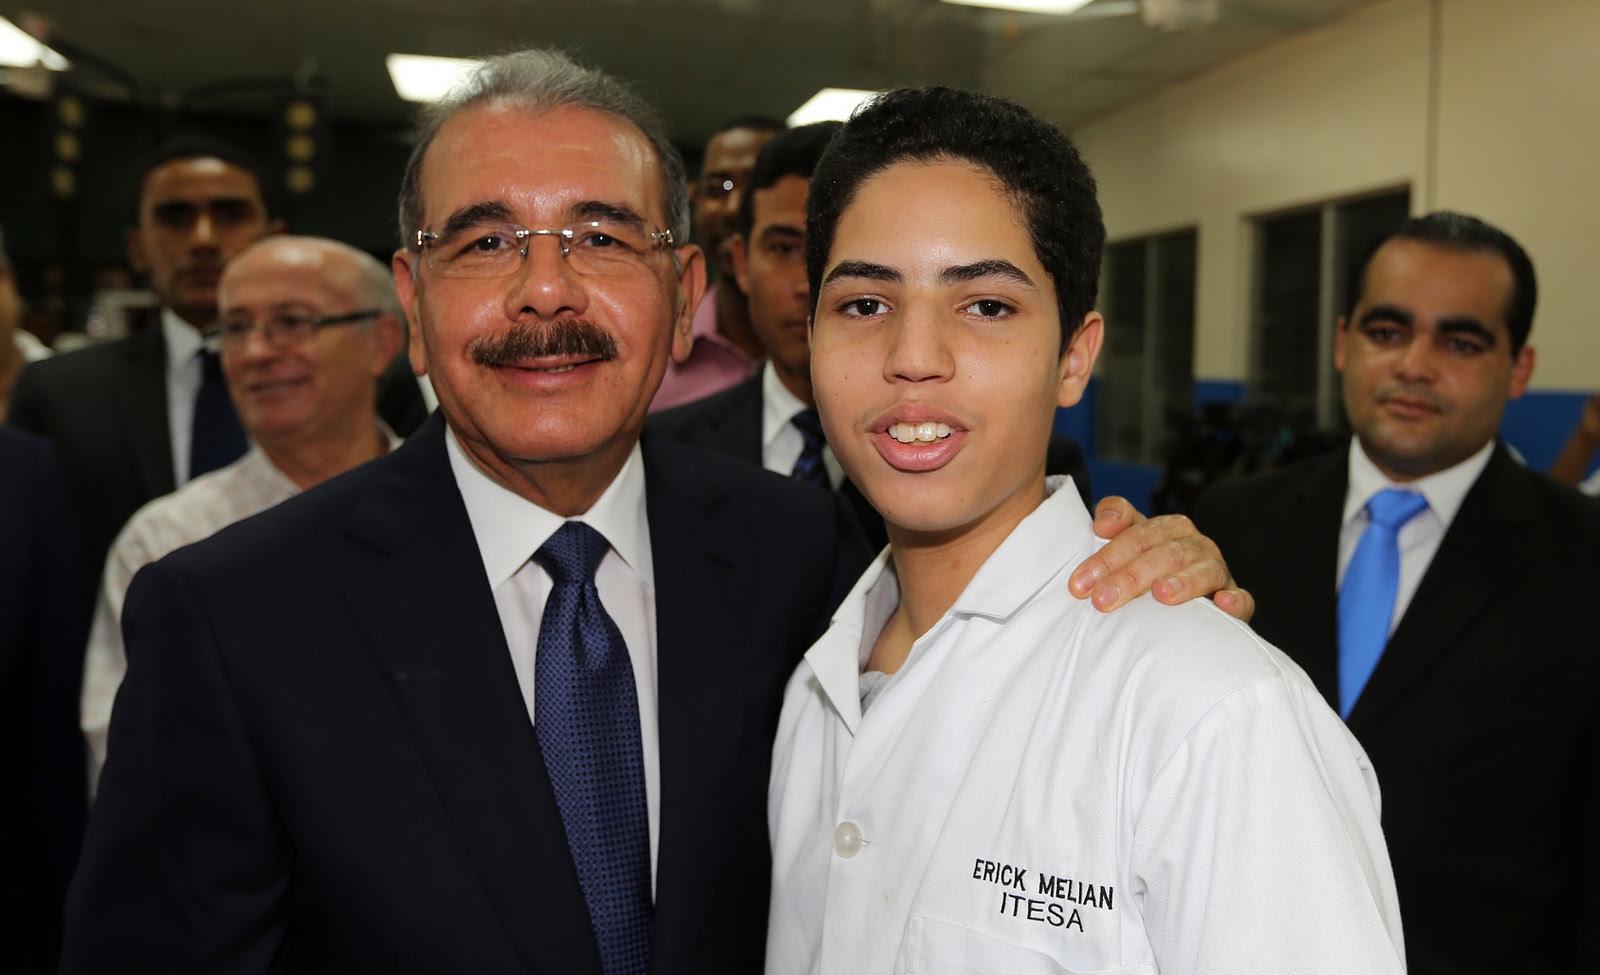 , Medina continuar trabajando por más oportunidades para jóvenes dominicanos.